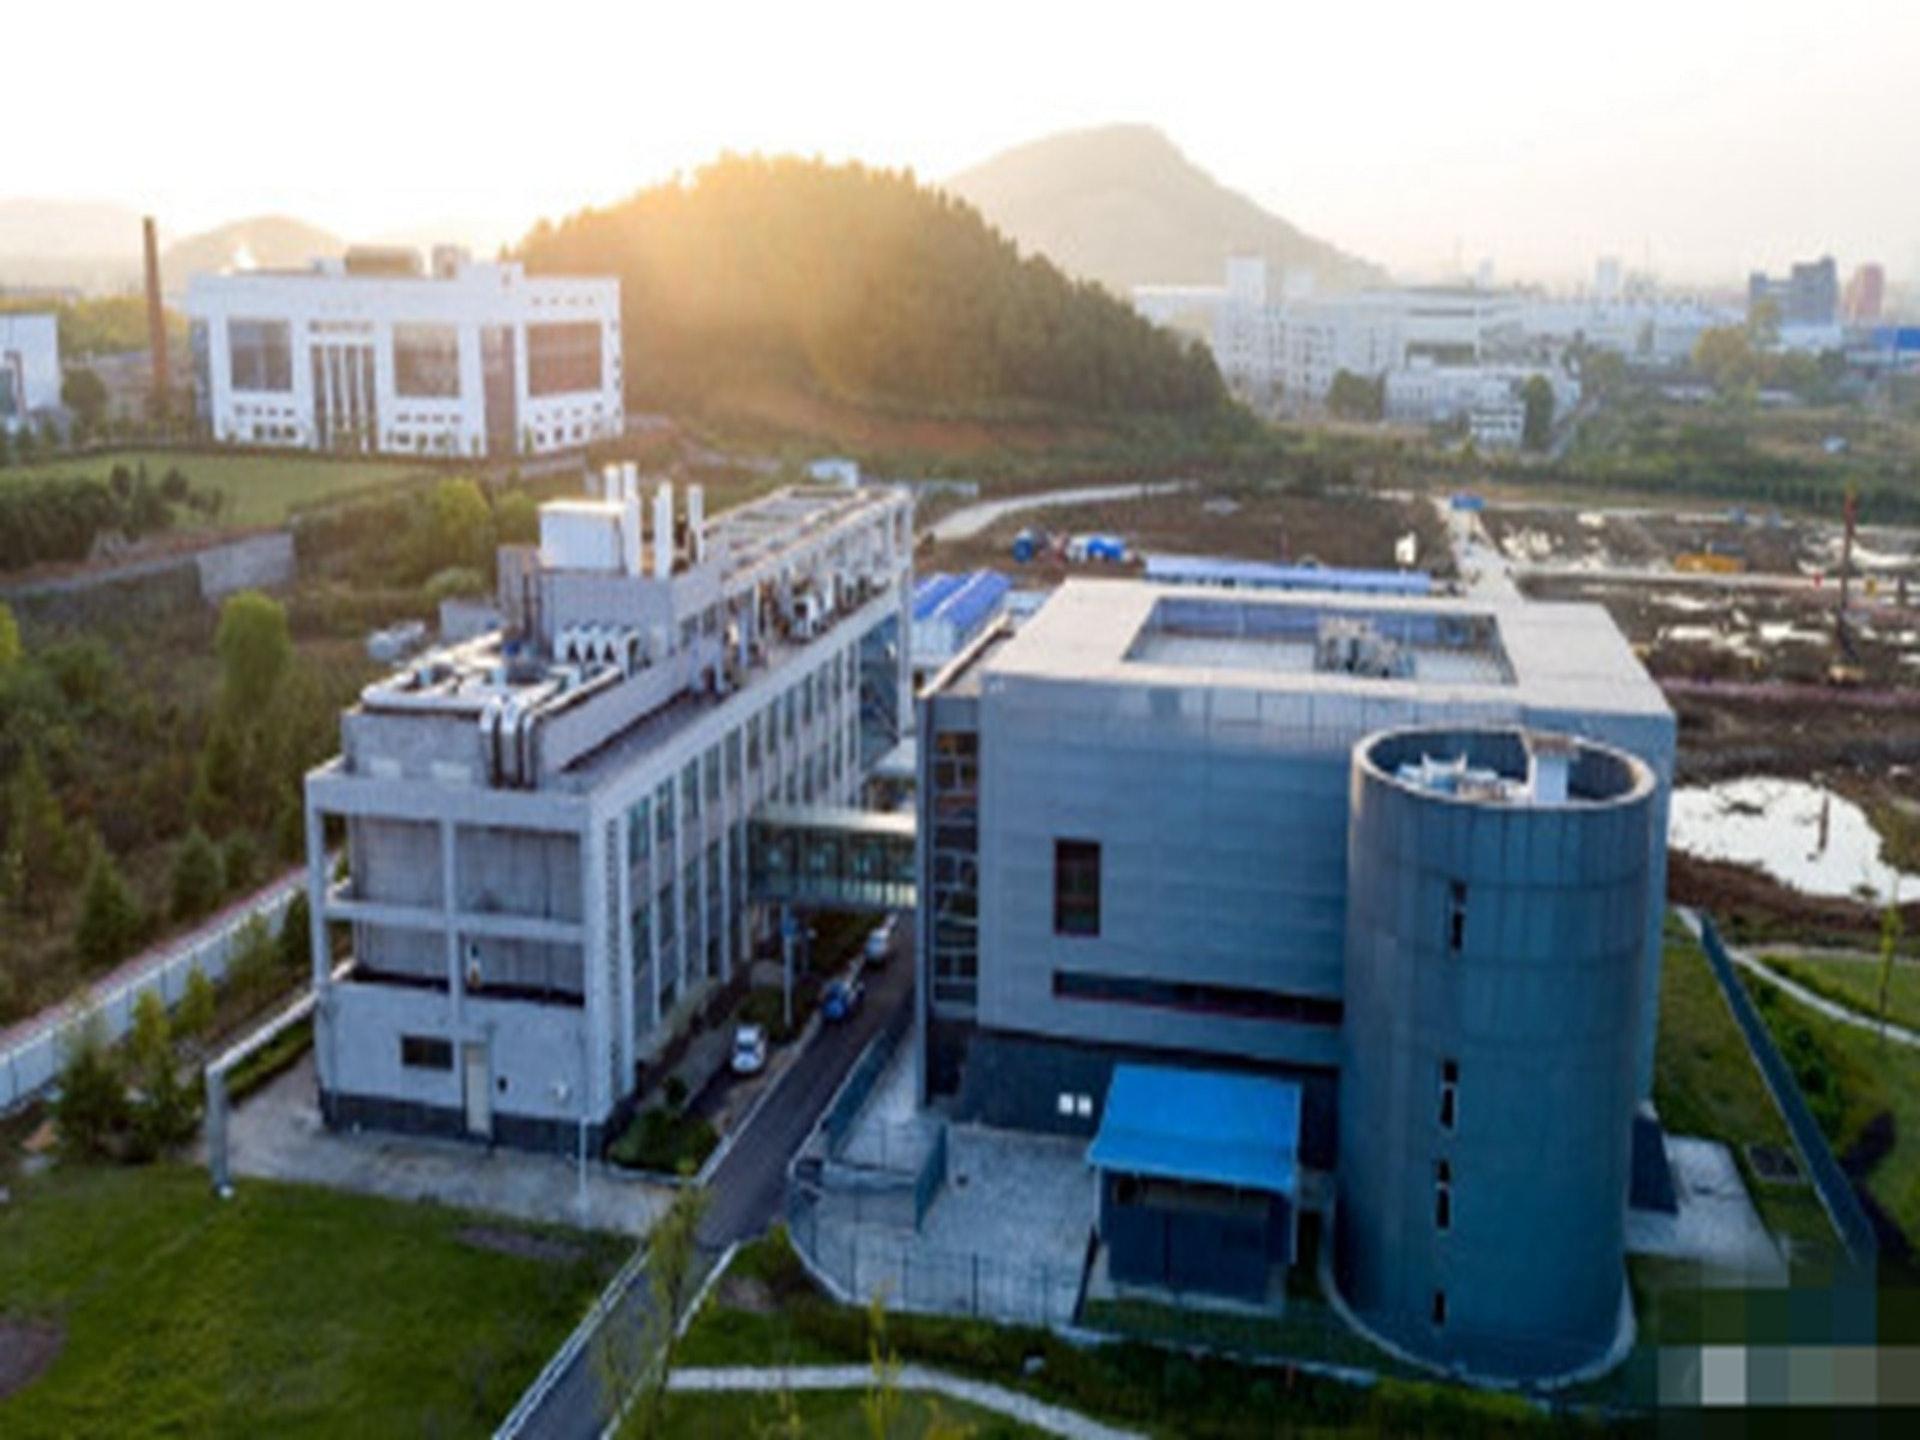 坐落在武汉的P4病毒研究室。(微博@朱毅)